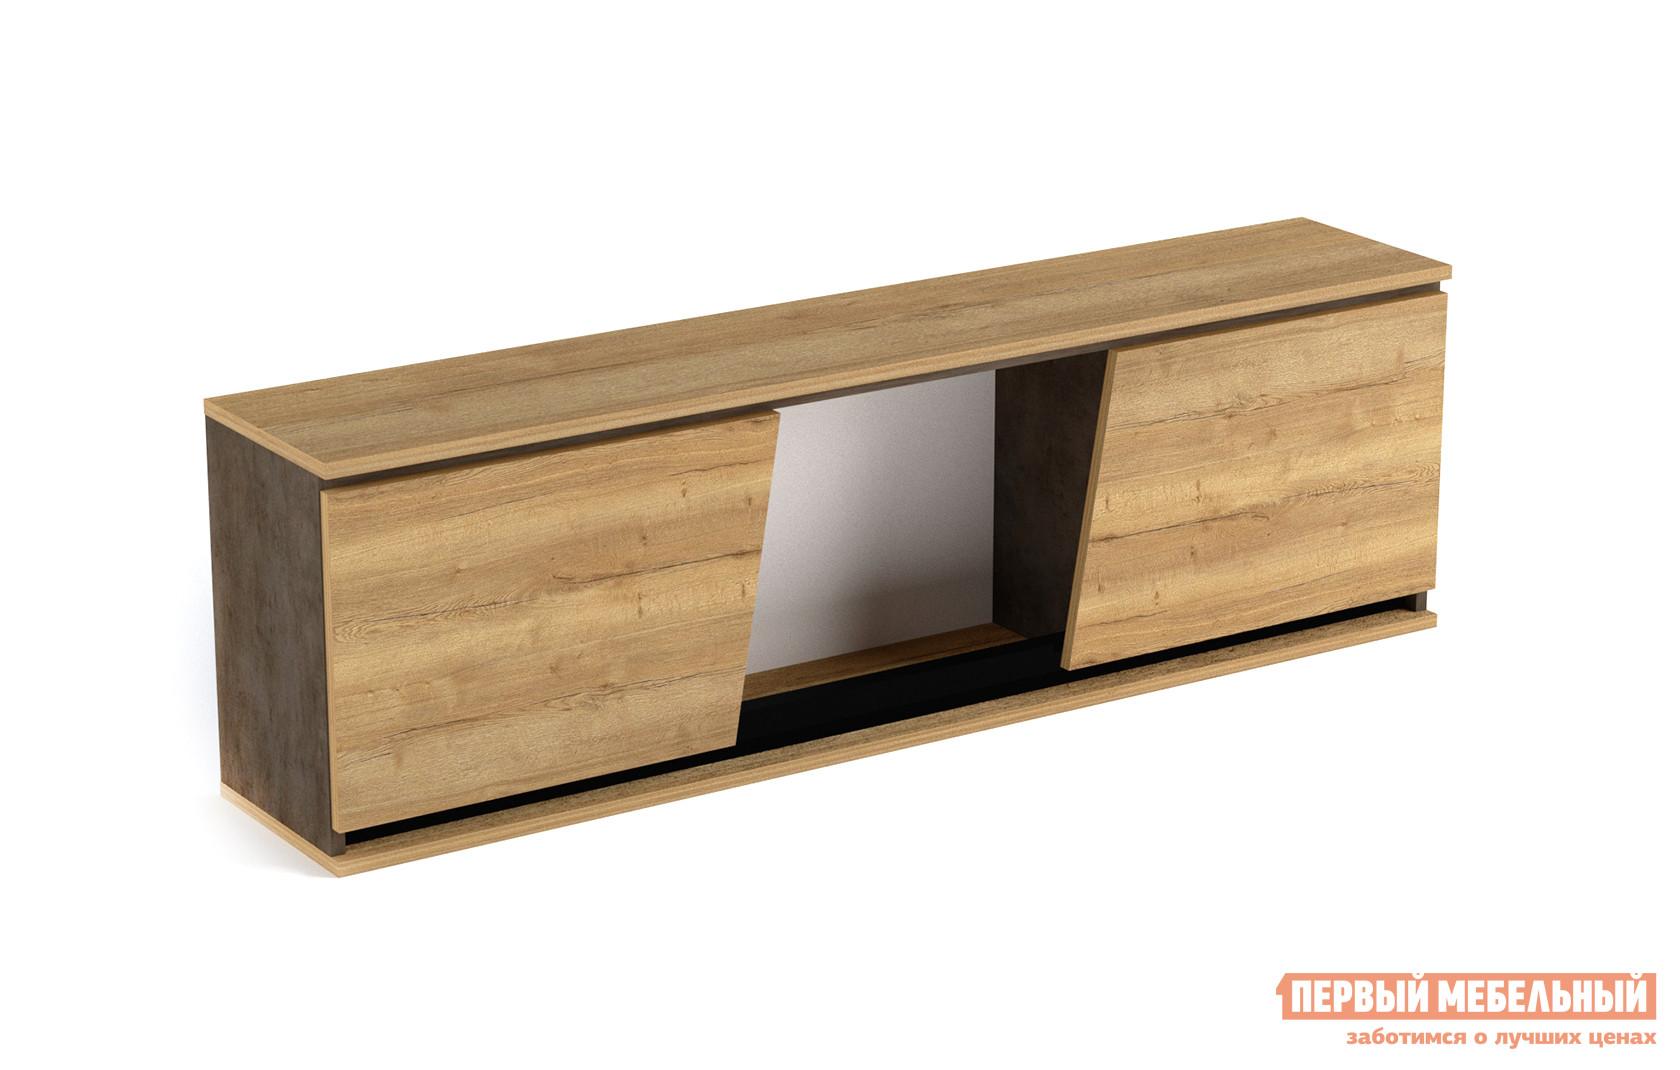 Настенная полка Первый Мебельный Стреза Шкаф навесной навесной шкаф первый мебельный шкаф навесной длинный маркиза